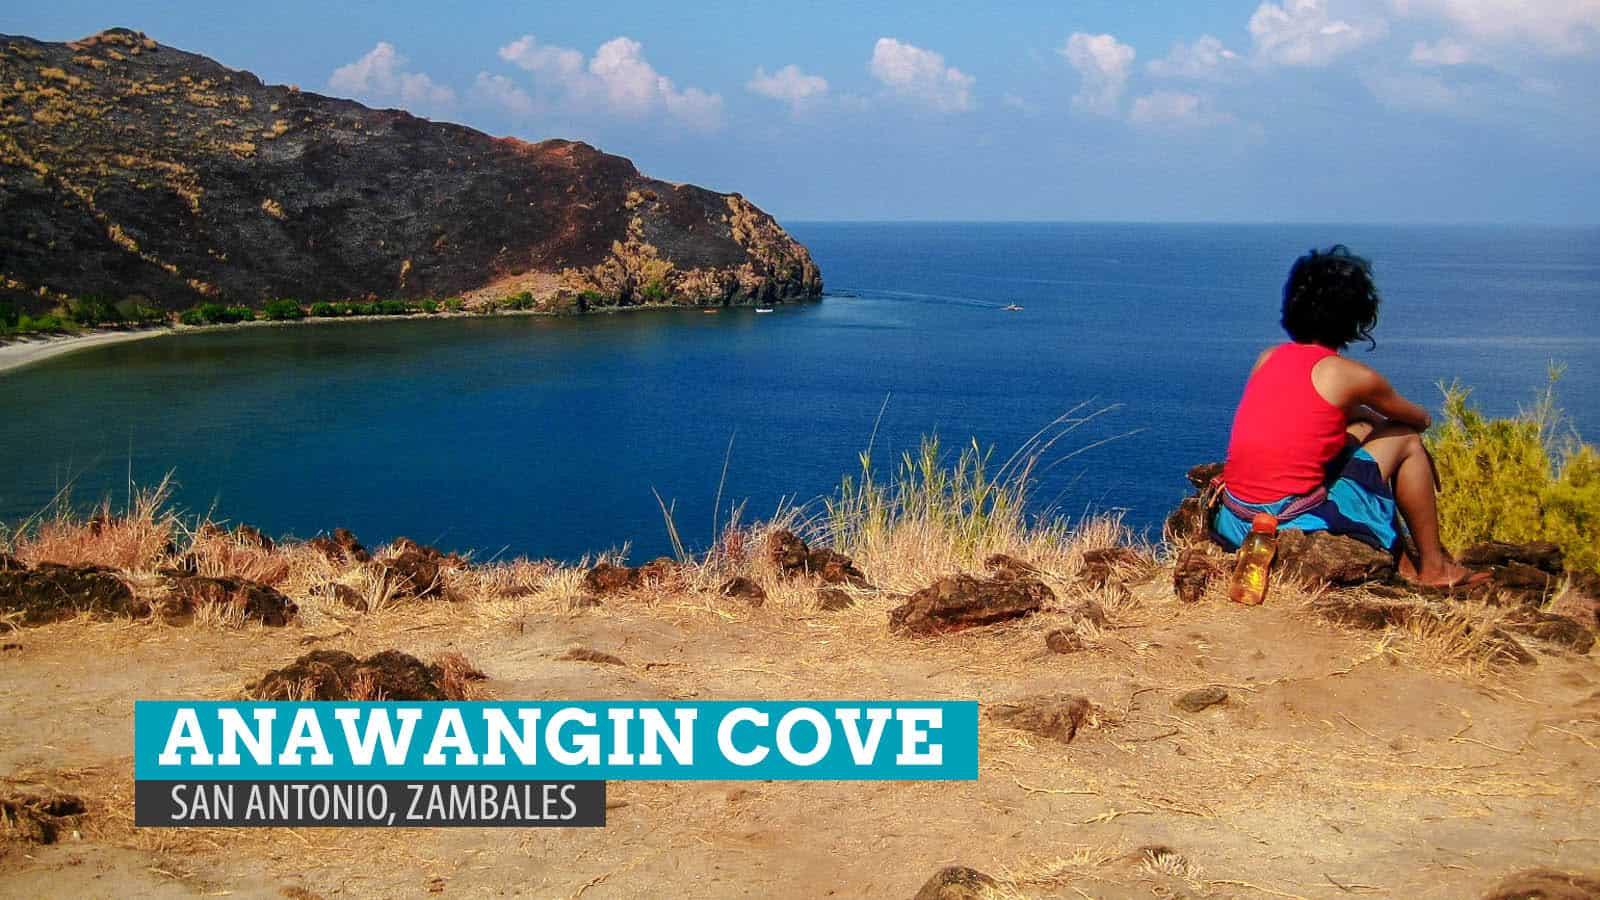 Anawangin Cove: Misadventures in Zambales, Philippines